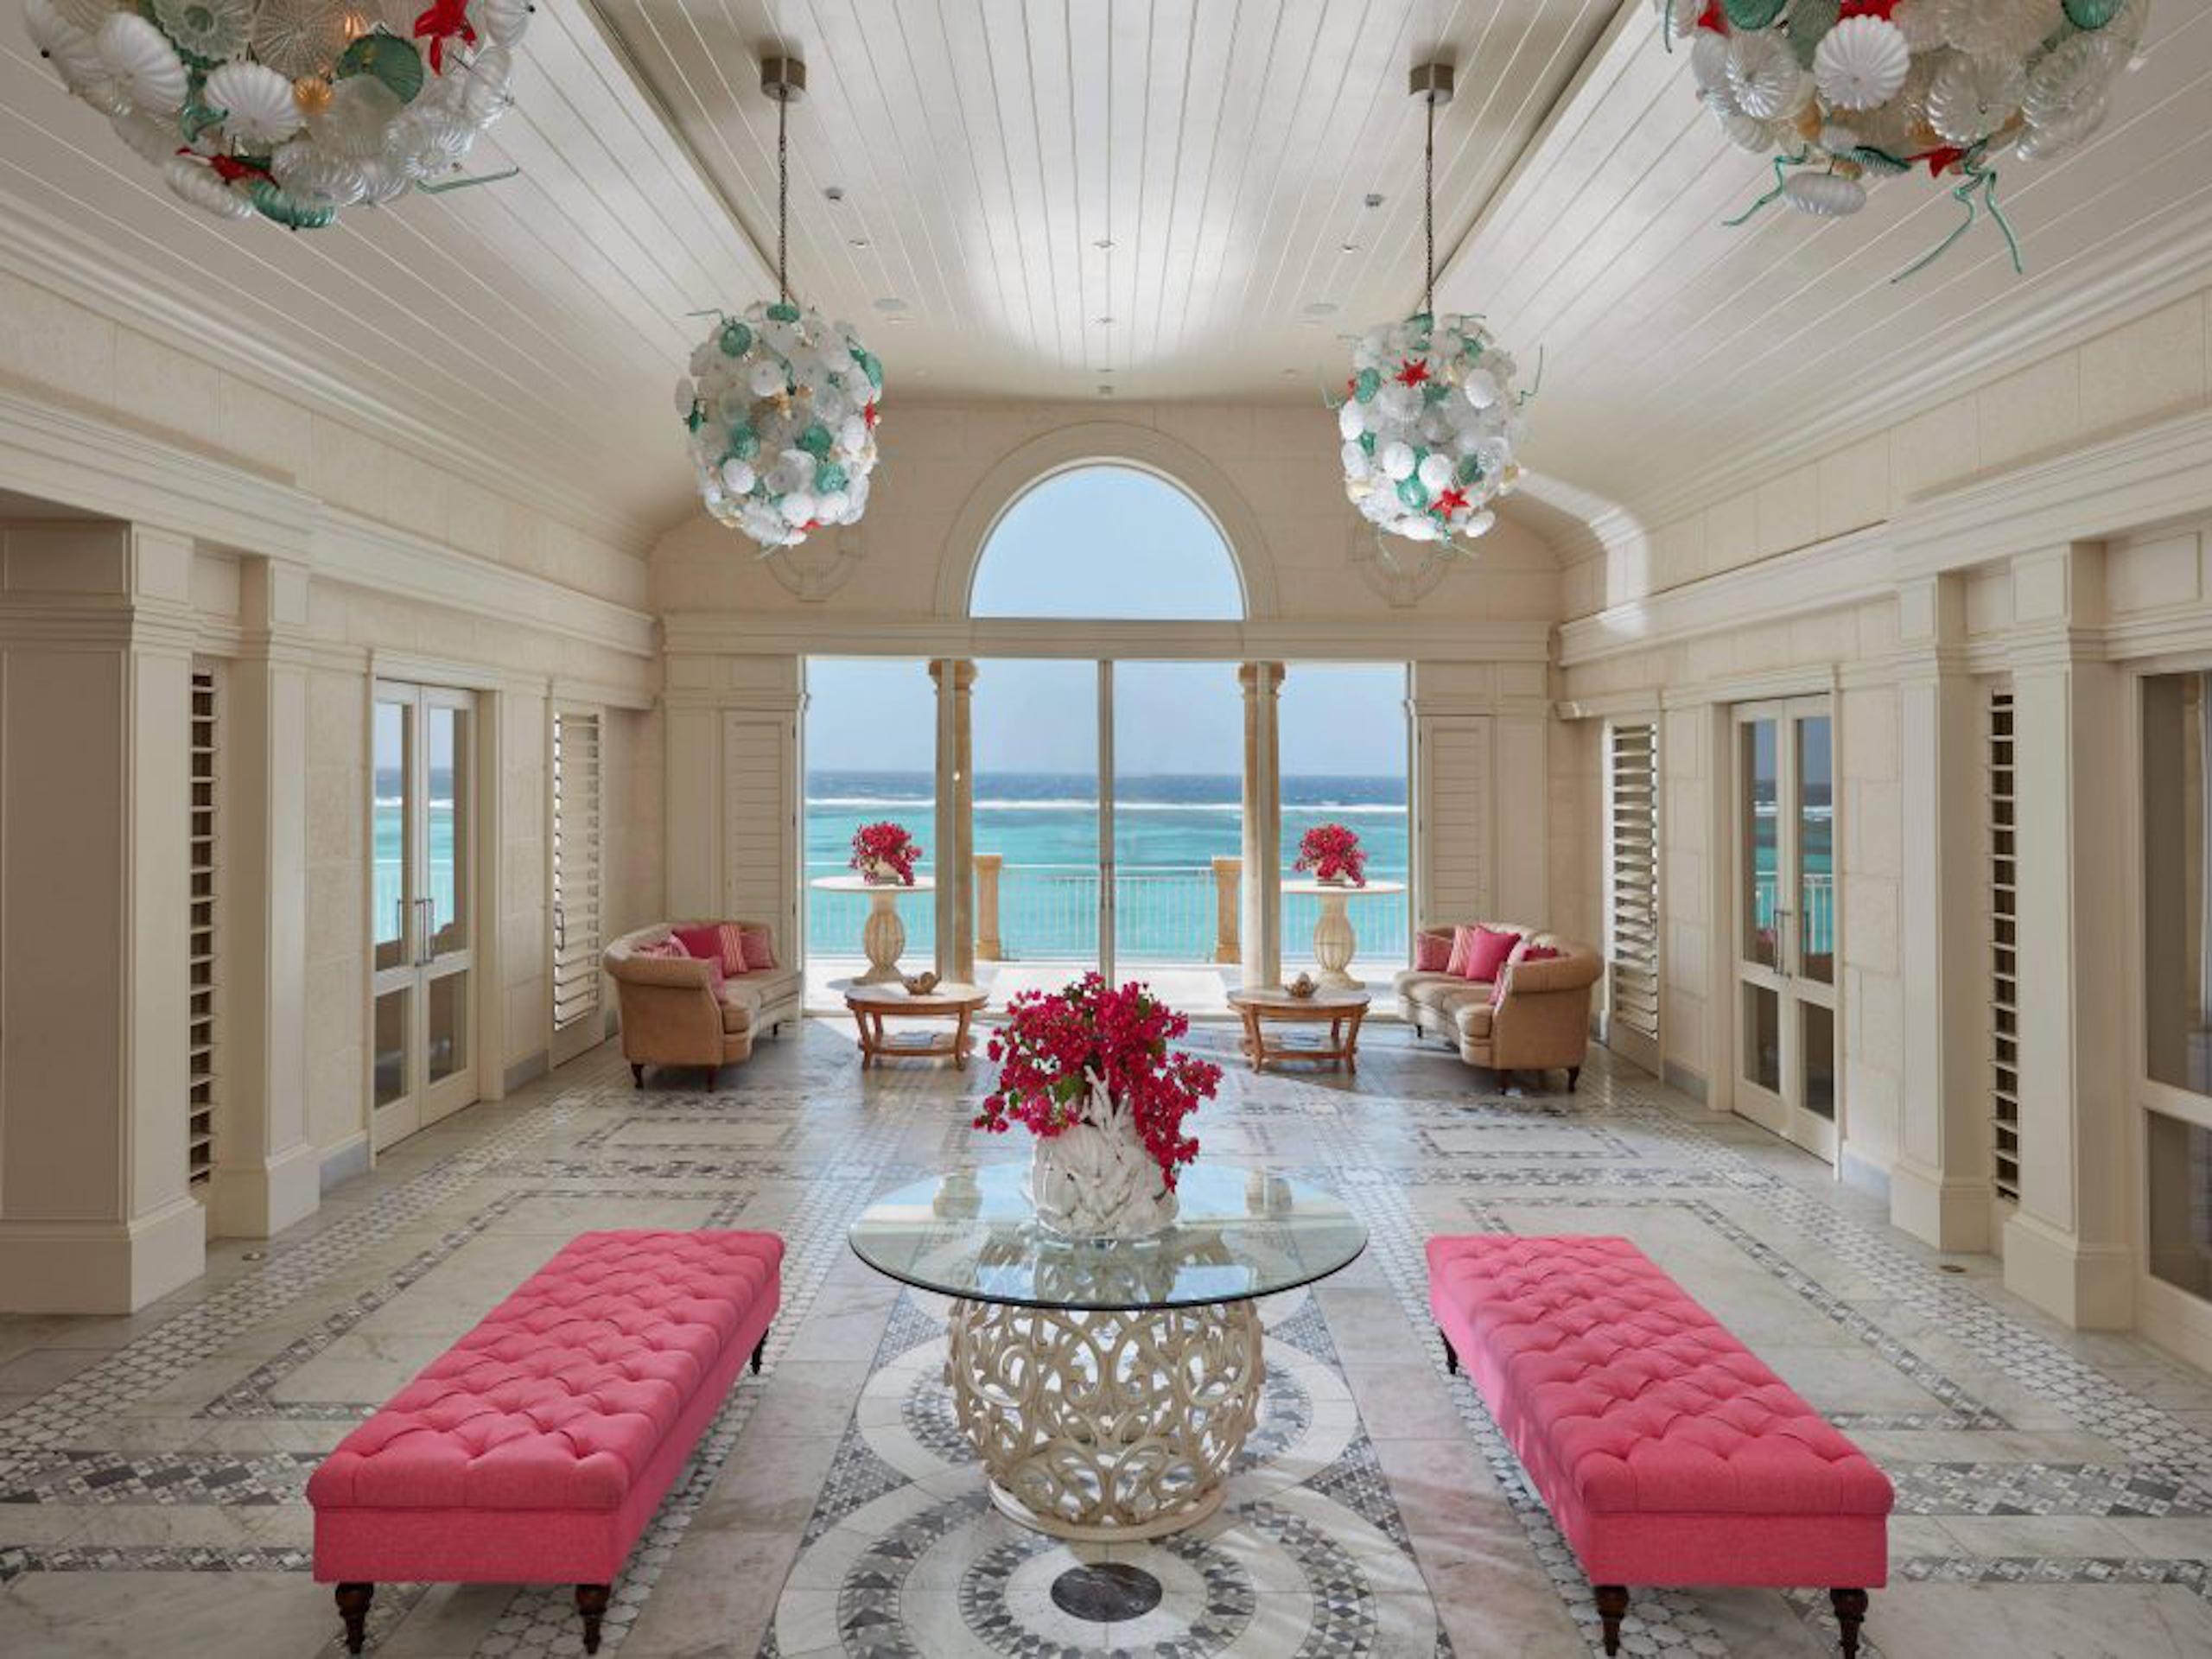 canouan-hotel-lobby-2560x1920